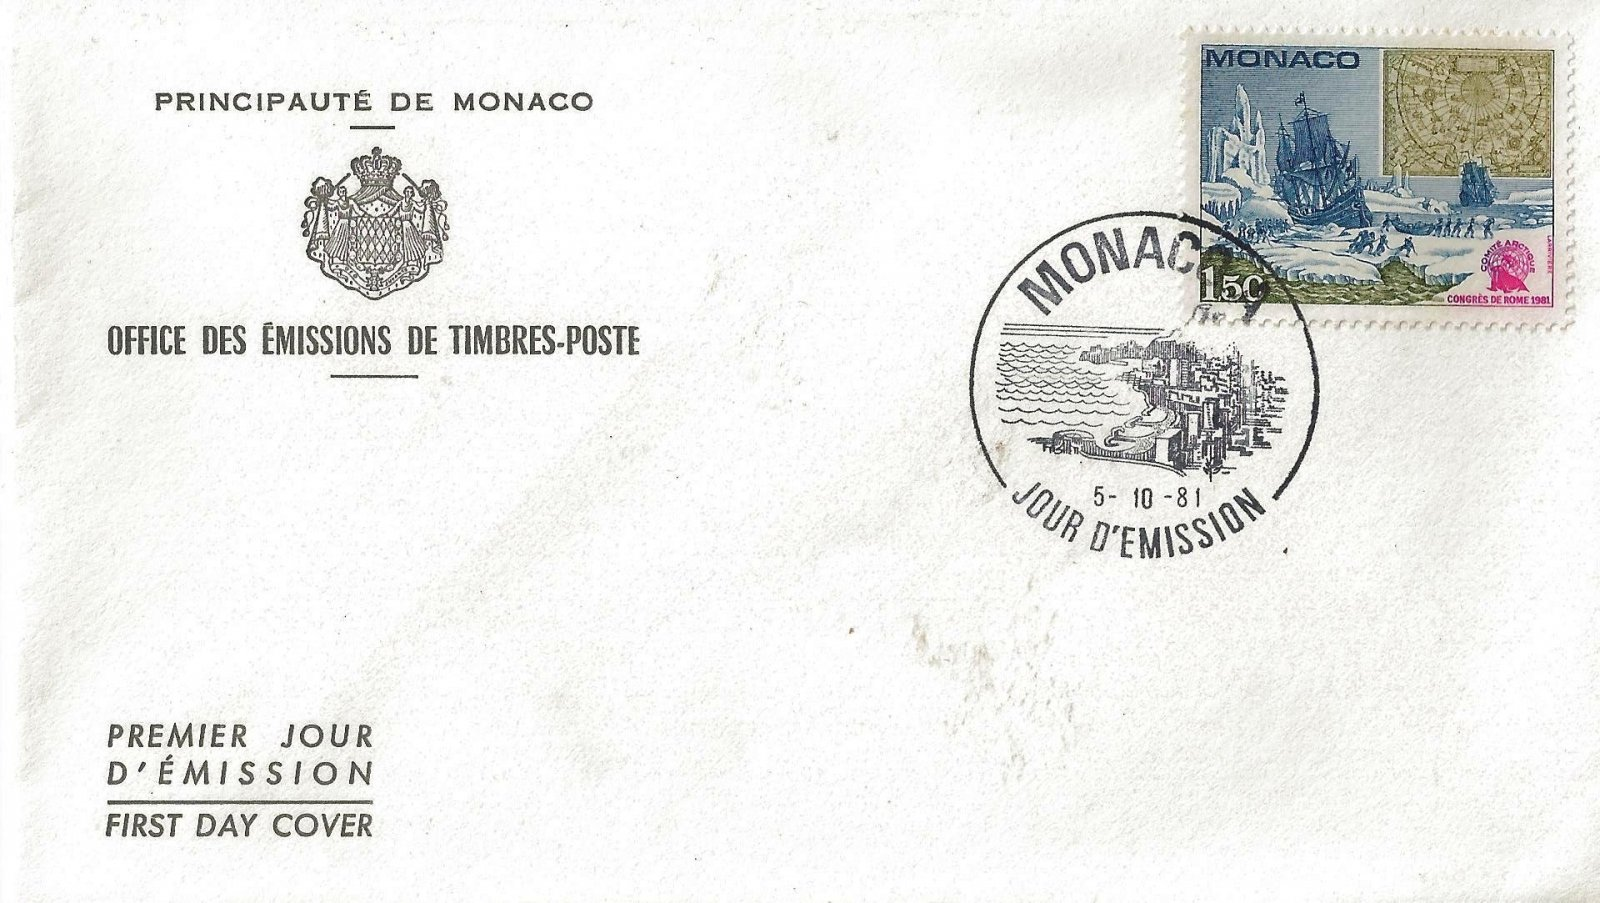 1981 CONGRES DE ROME MONACO